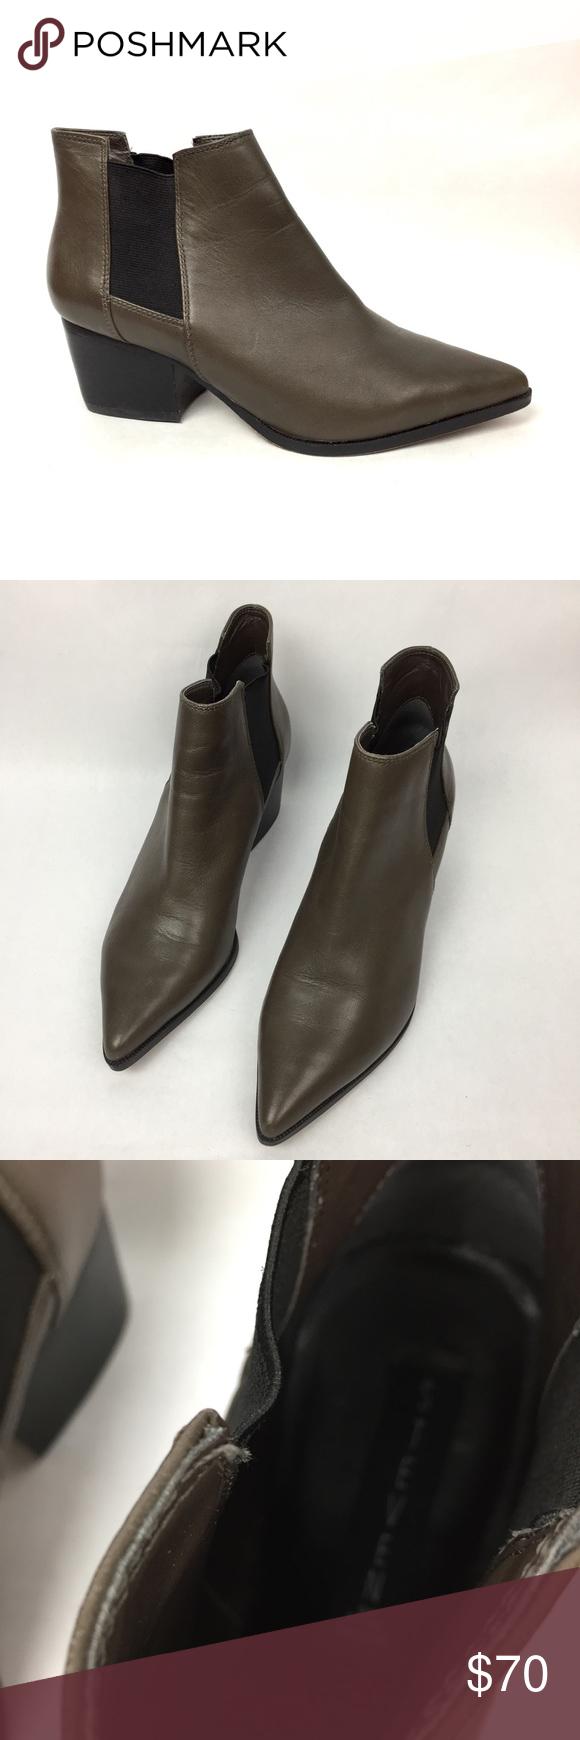 STEVEN Steve Madden Macks Leather Chelsea Boots 7